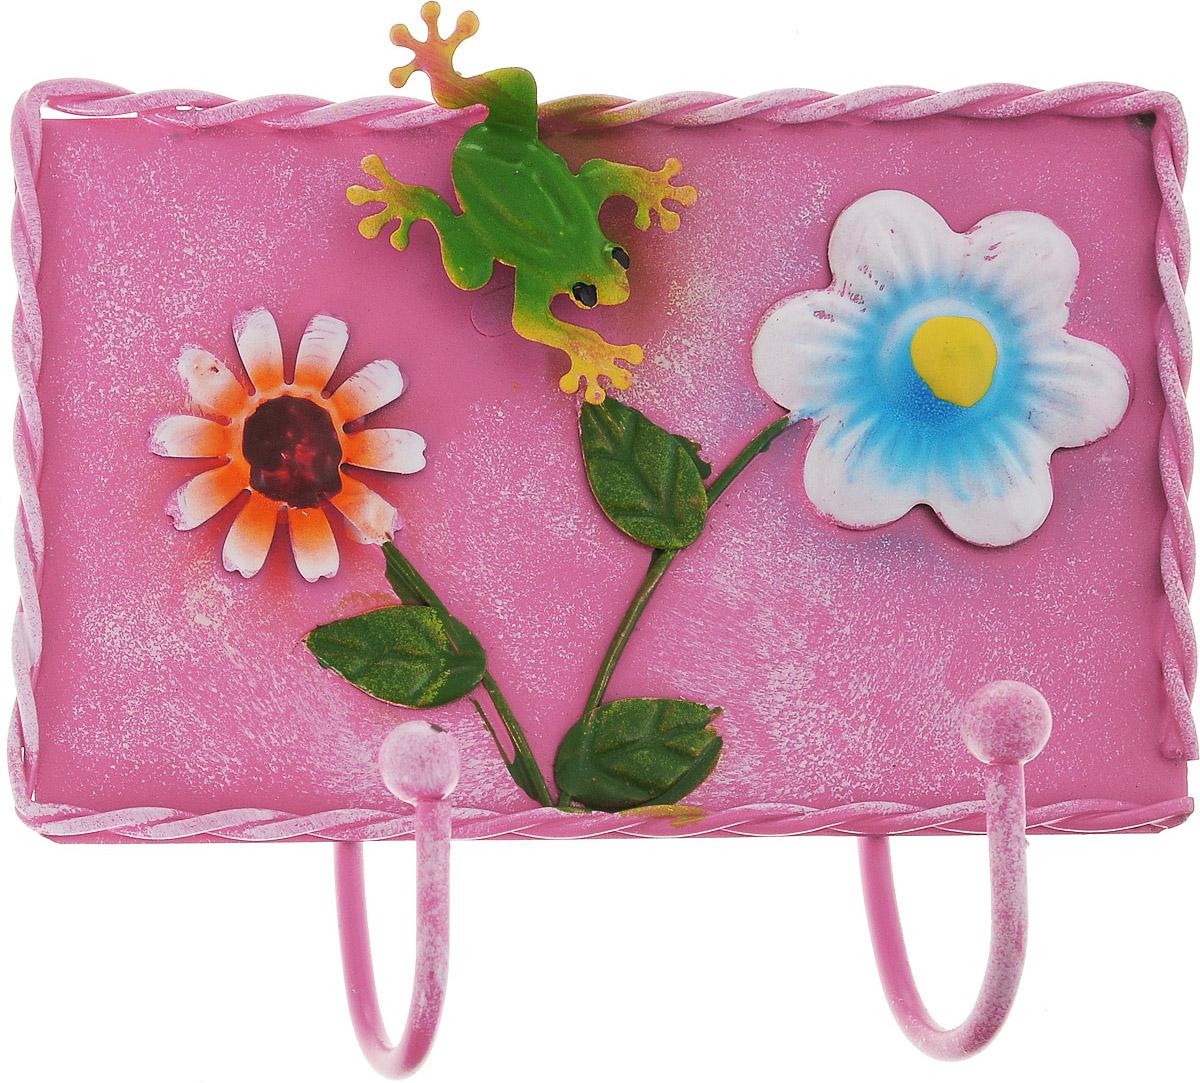 Вешалка-крючок Magic Home, 13,8 х 12,6 см43886Настенная вешалка-крючок Magic Home, изготовленная изжести, имеет 2 крючка и декорирована объемными фигуркамив виде цветов и лягушки.Вешалка-крючок идеальна для спальни, прихожей, ваннойкомнаты. Крепежные элементы для монтажа к стене не входятв комплект.